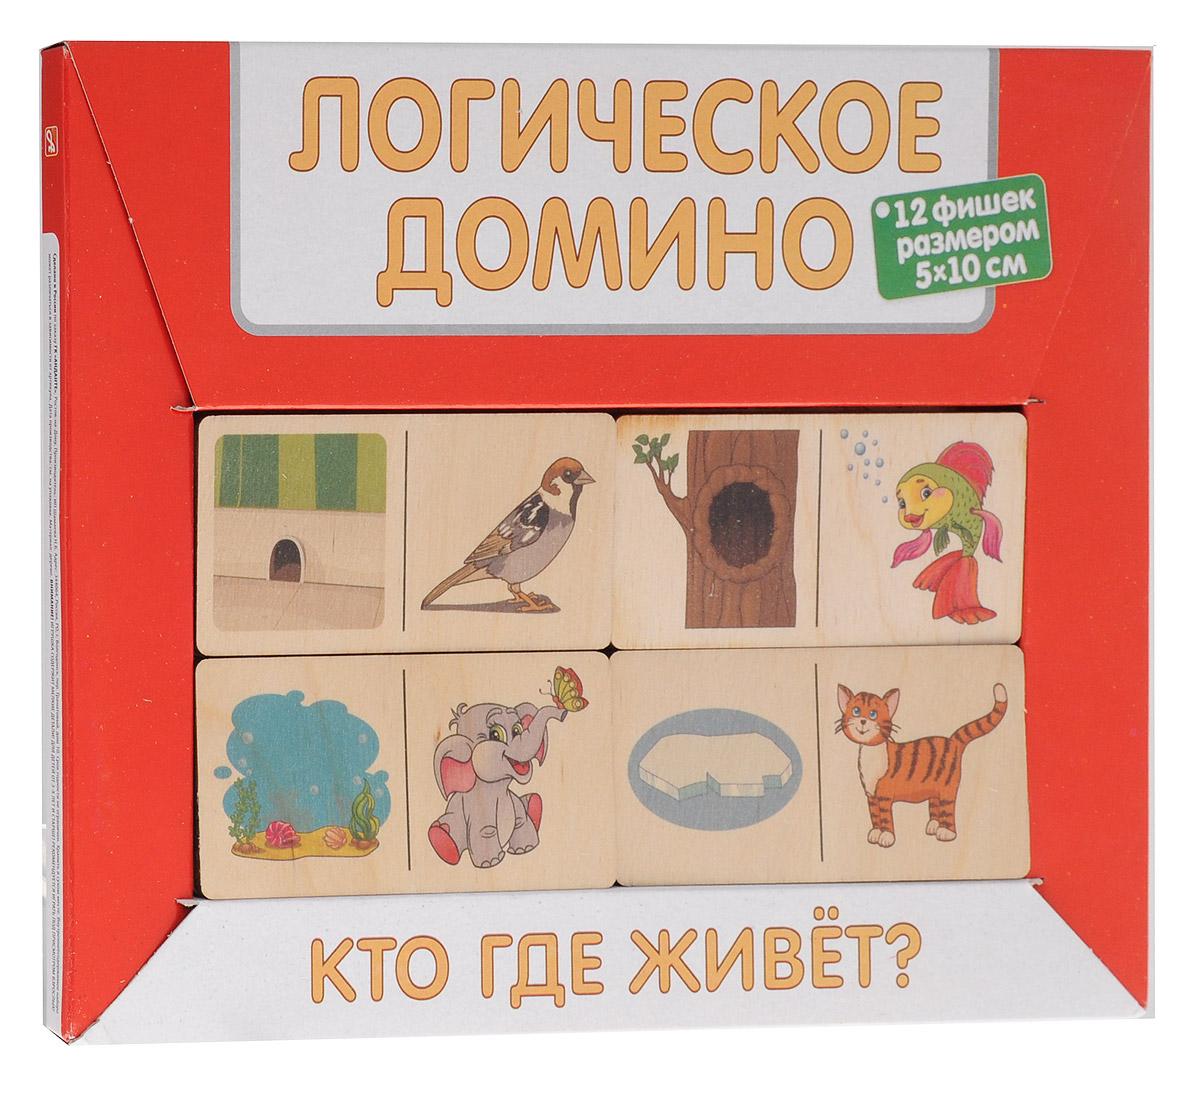 Развивающие деревянные игрушки Домино Кто где живетД421аДомино Развивающие деревянные игрушки Кто где живет расскажет малышу о том, где живут те или иные зверушки. Фишки большого размера (5 см х 10 см) прекрасно подойдут даже для самых маленьких игроков. Малышу удобно держать такие фишки. Рисунки на ней - яркие и большие. С этой игрой можно проводить время не только дома, но и эффективно использовать для занятий в детском саду. Играя, ребёнок развивает целый спектр навыков: моторику, логику, воображение, изучает окружающий мир и цвета.